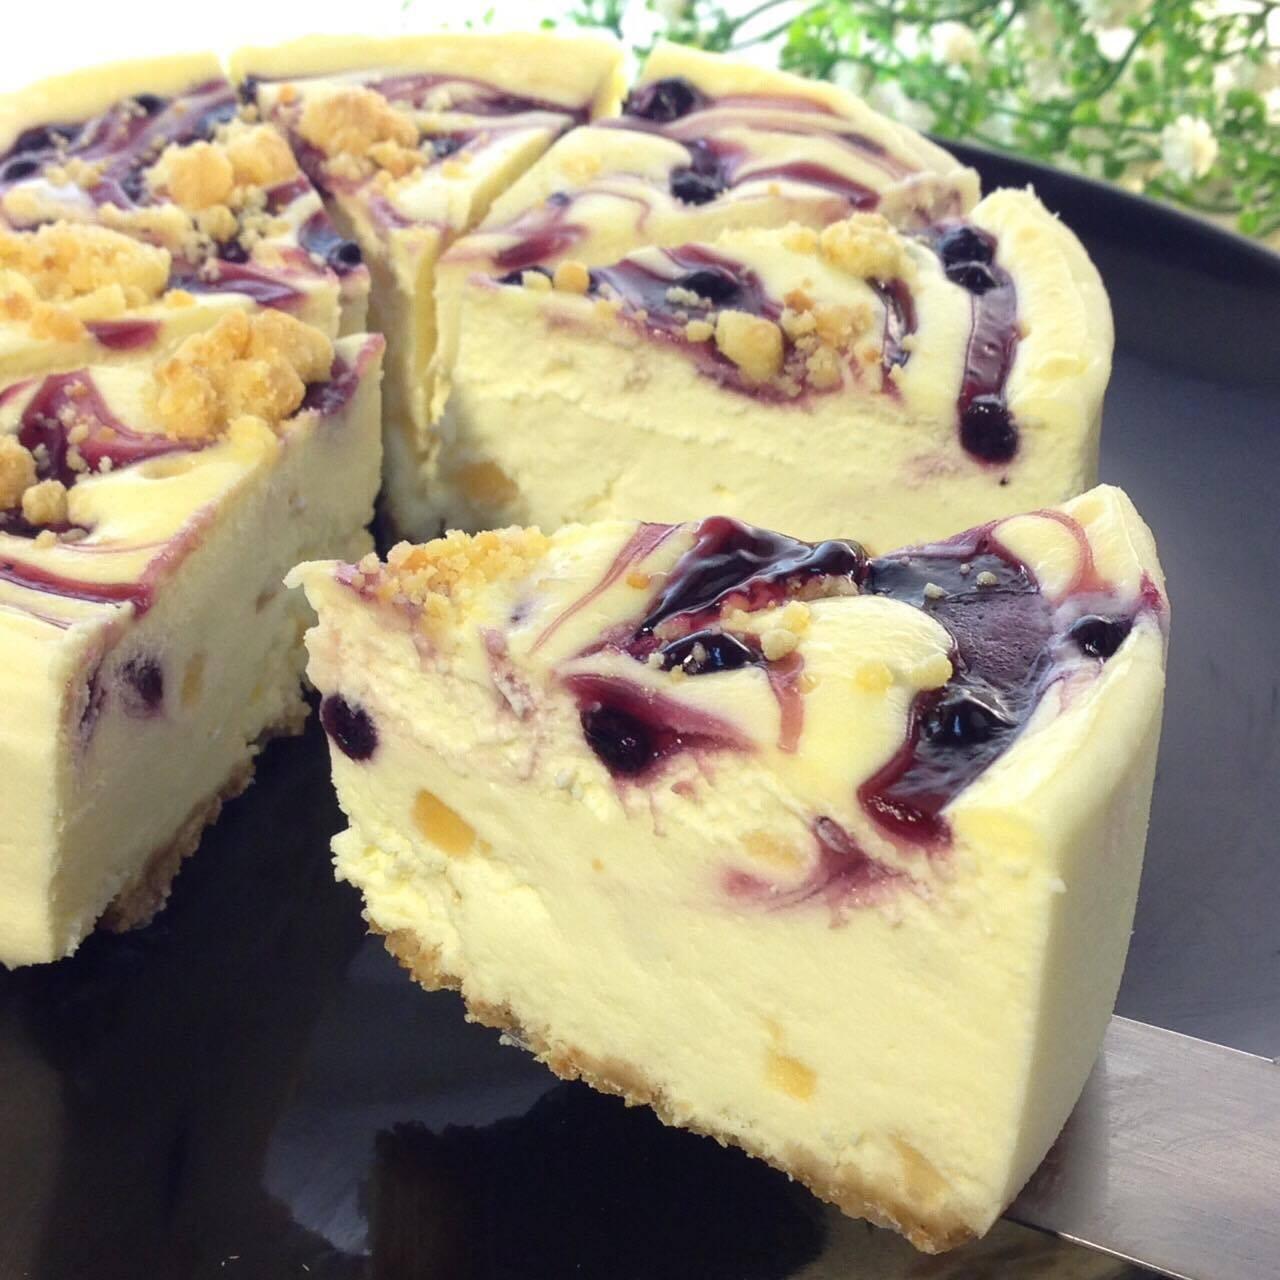 【雄爸鴉片坊創意特色乳酪】鄉村藍莓蘋果起士蛋糕  彌月蛋糕推薦